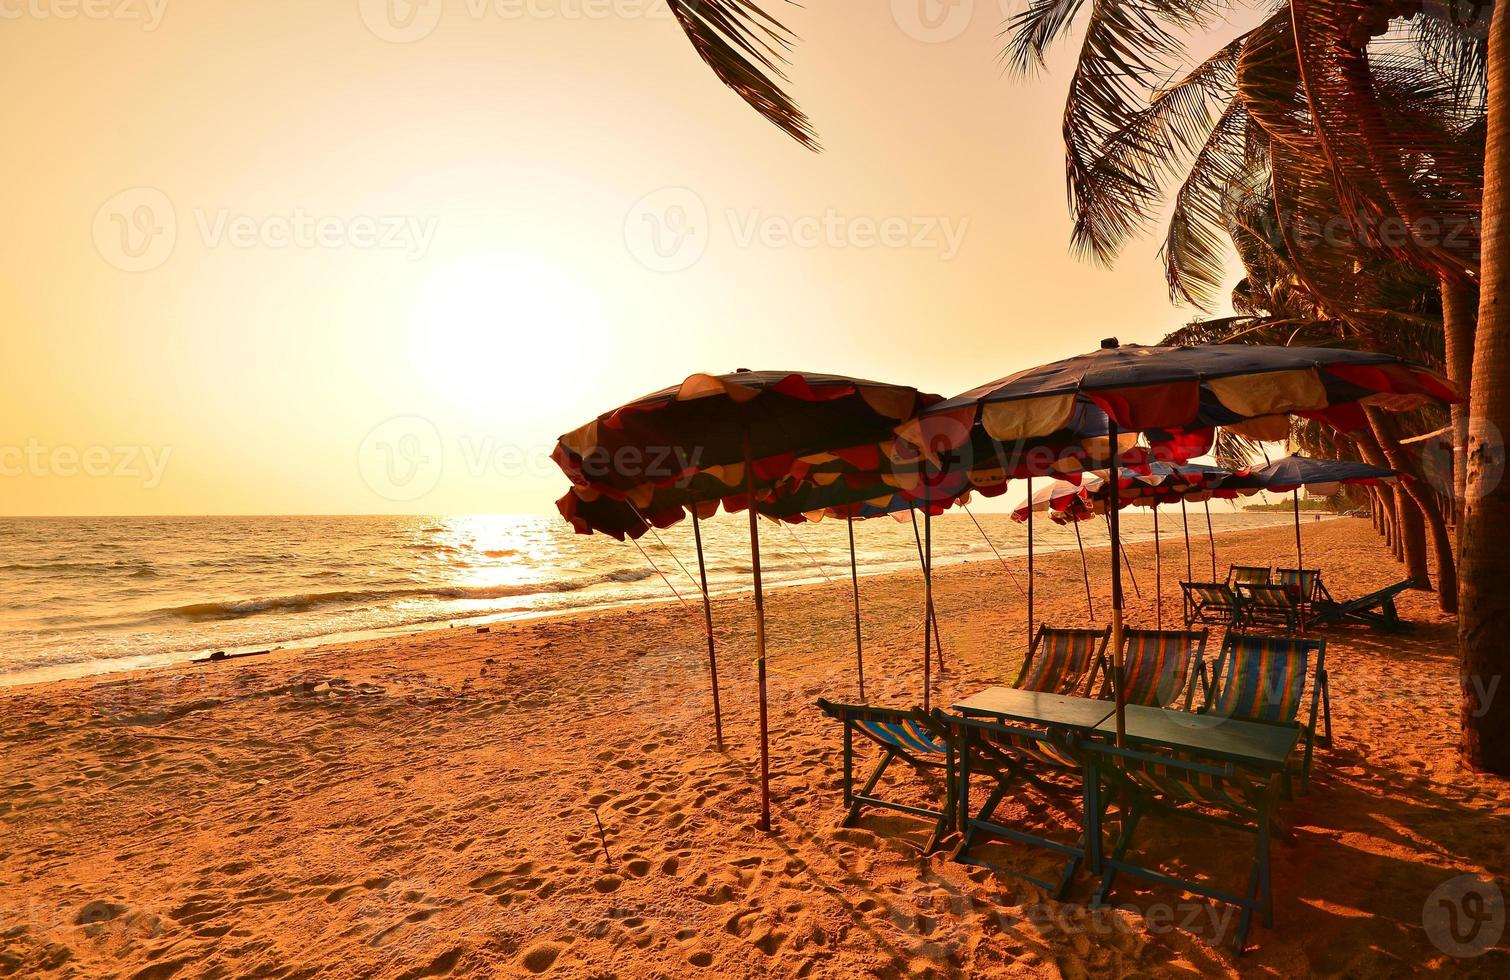 Strand bei Sonnenuntergang Hintergrund foto